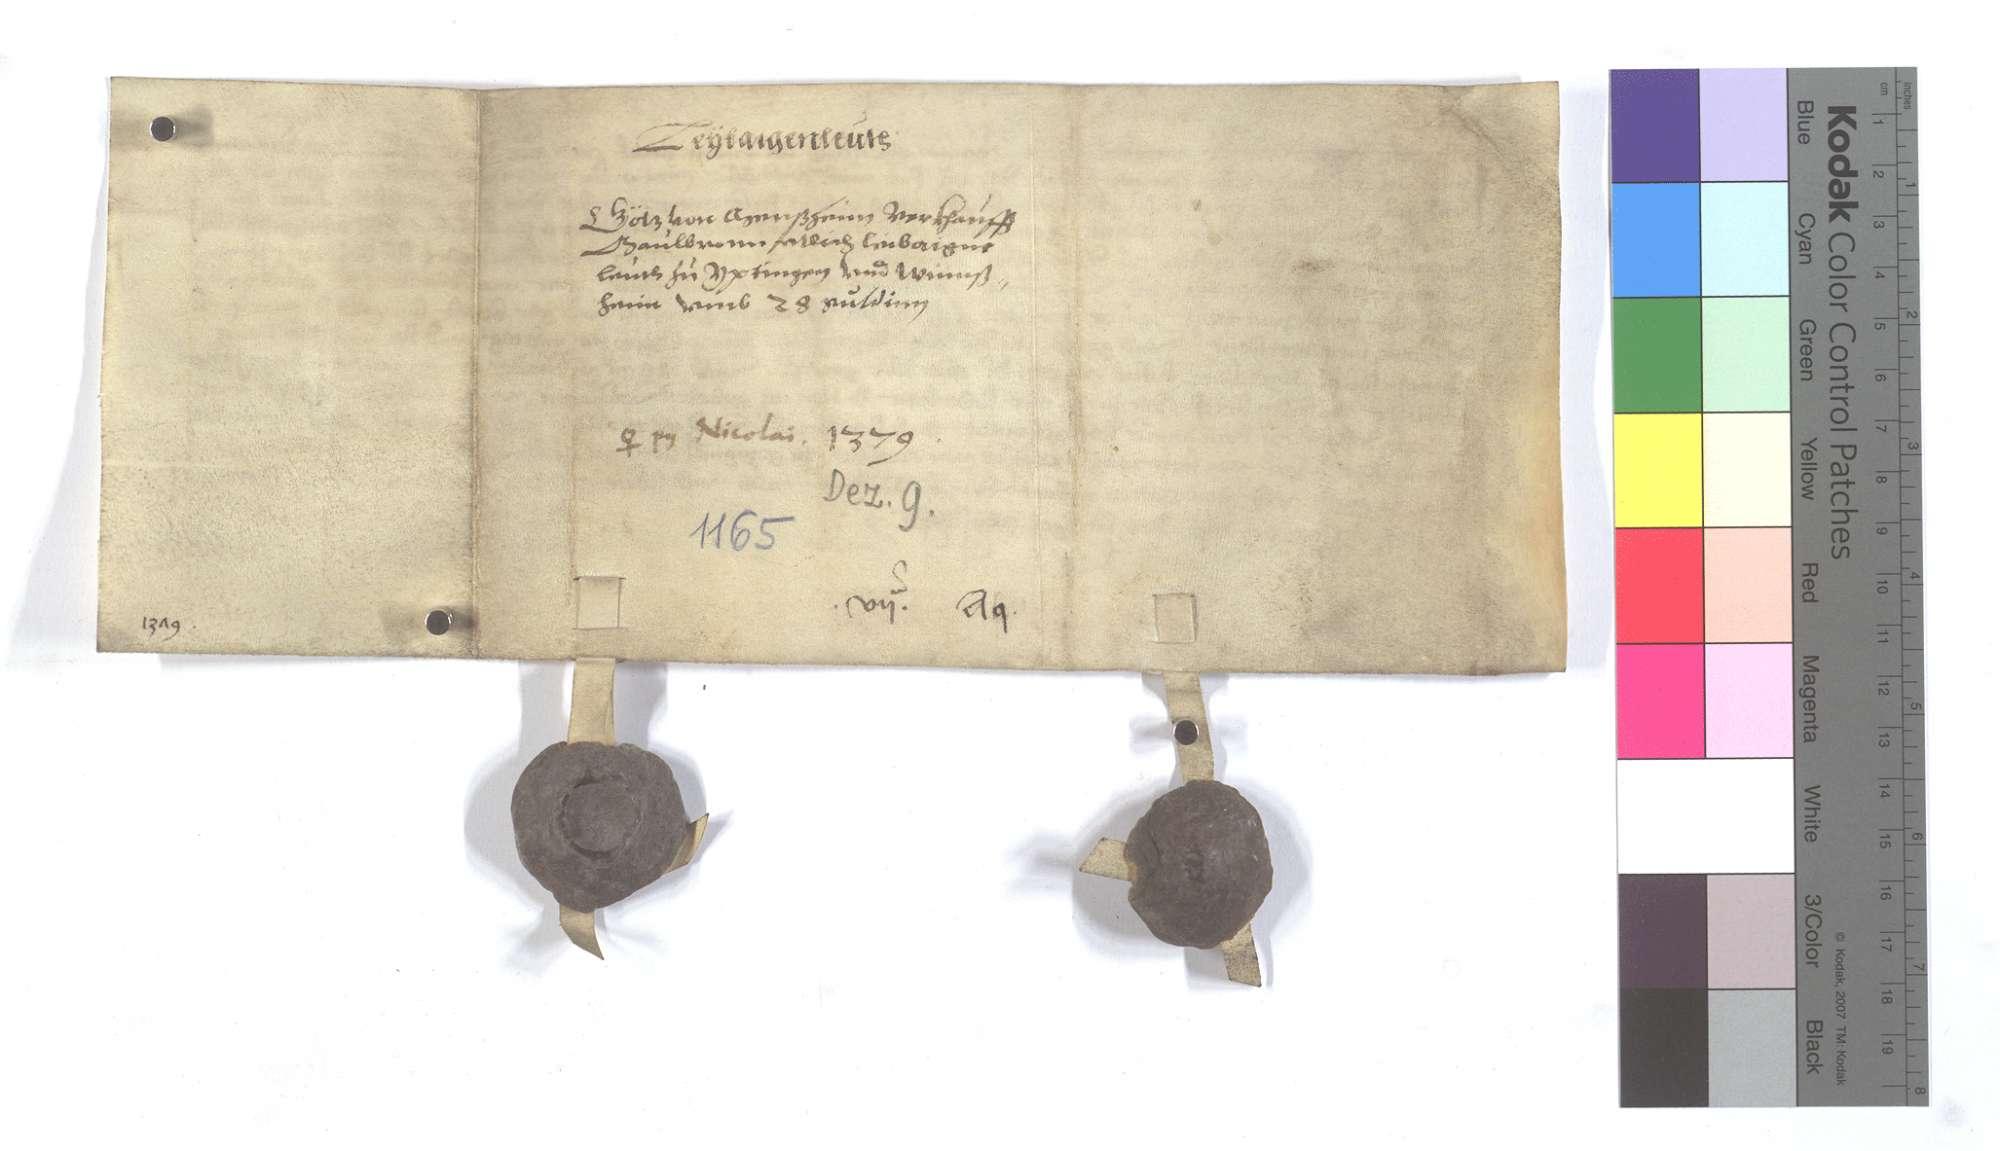 Fertigung des Götz von Mönsheim (Mensheim) um etliche Leibeigene in Iptingen und Wimsheim (Wimbsheim)., Rückseite